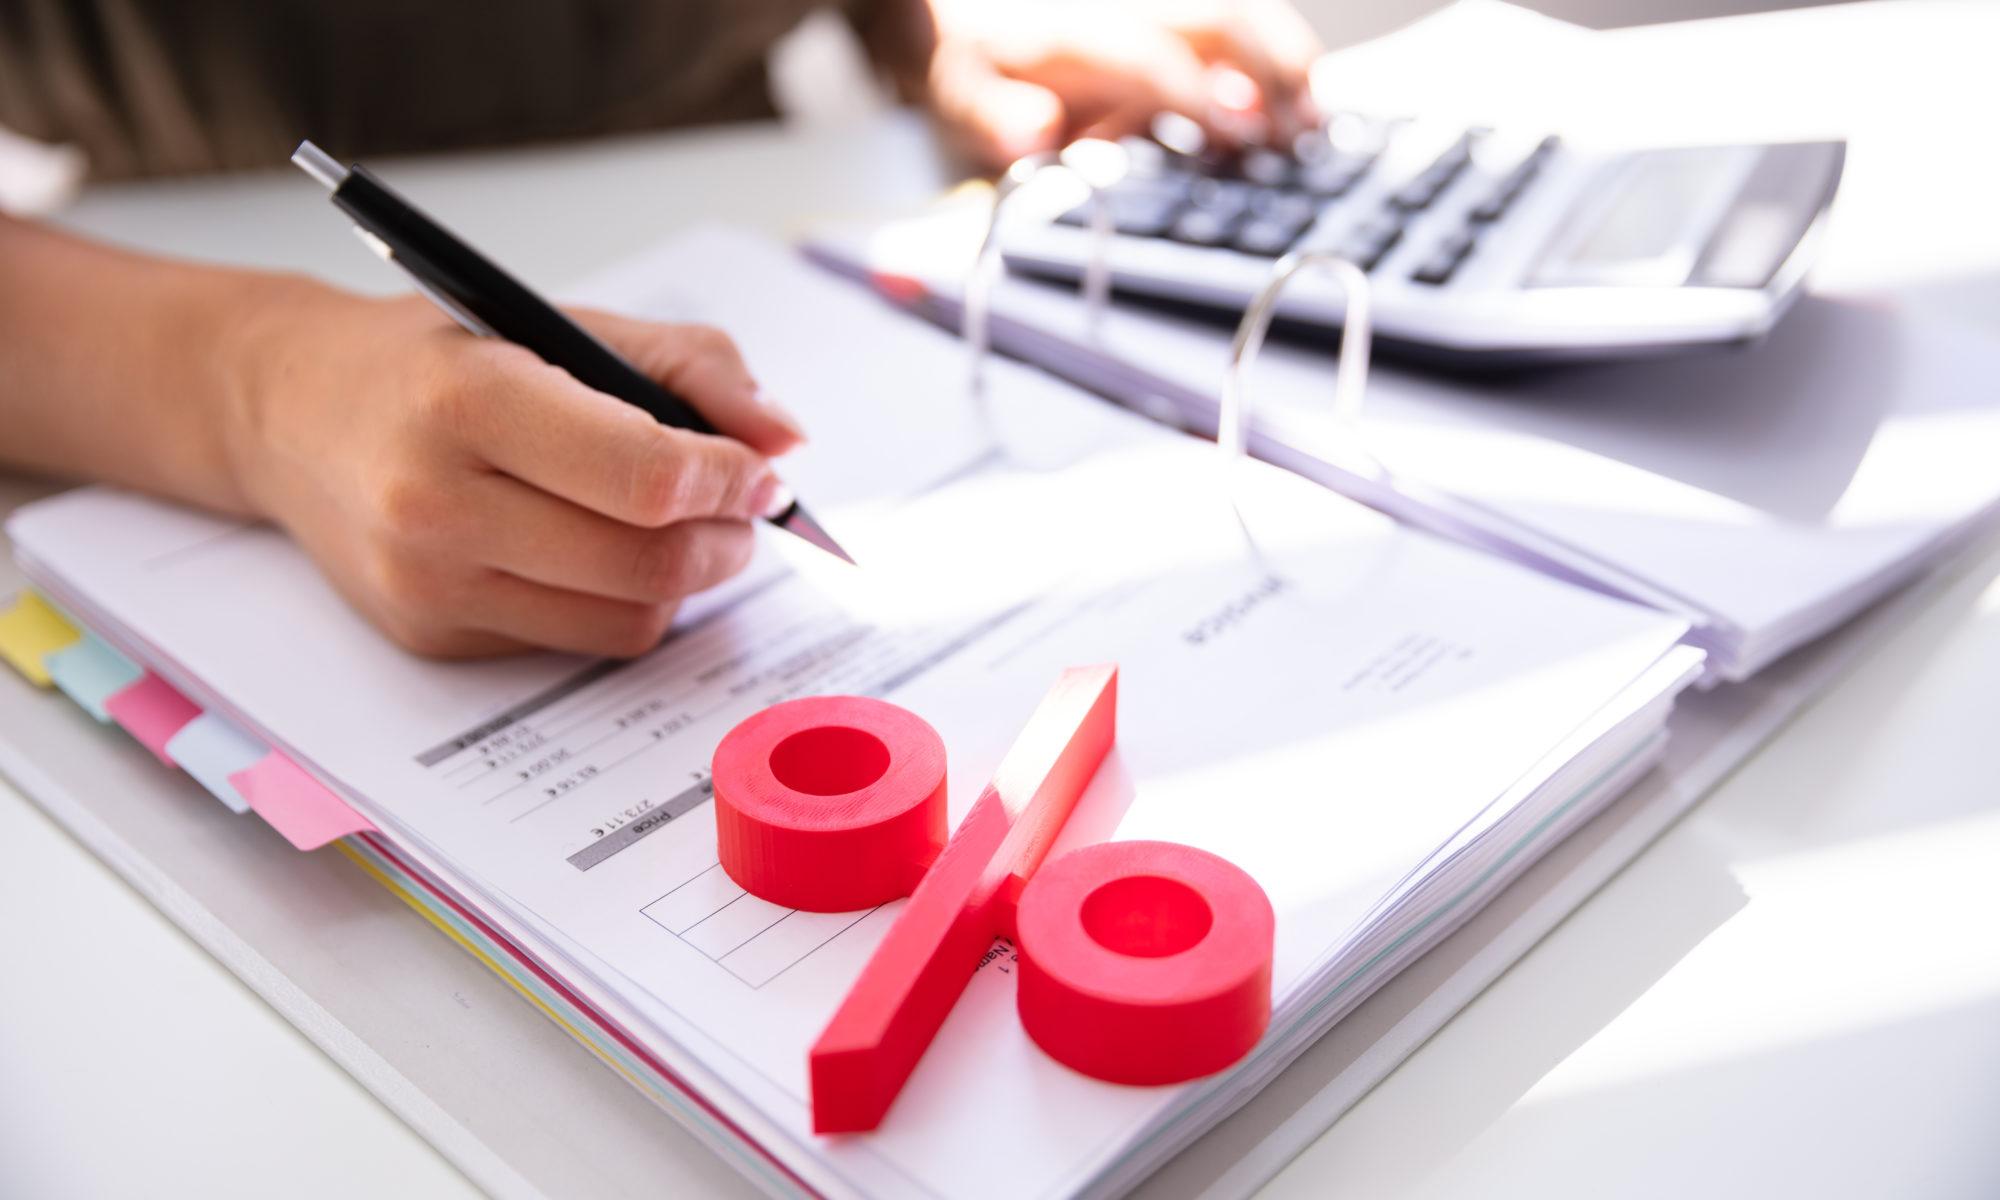 AdobeStock 285713659 2000x1200 - Jobcenter muss Zinsen bei Hartz IV-Nachzahlung zahlen